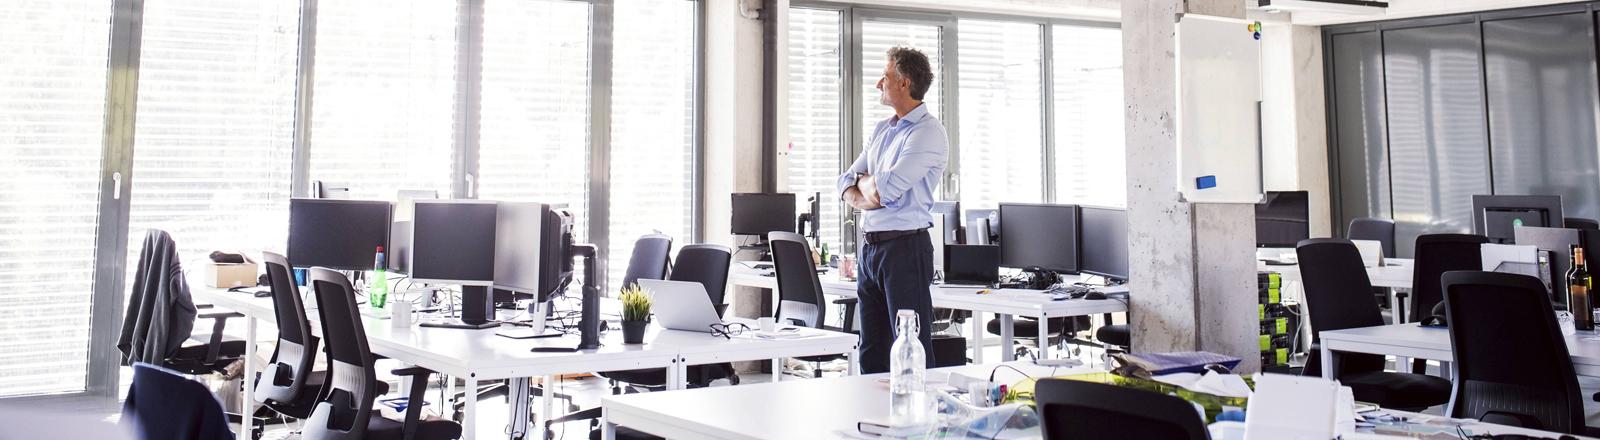 Alleine im Büro: Arbeitgeber sind auf der Suche nach Fachkräften